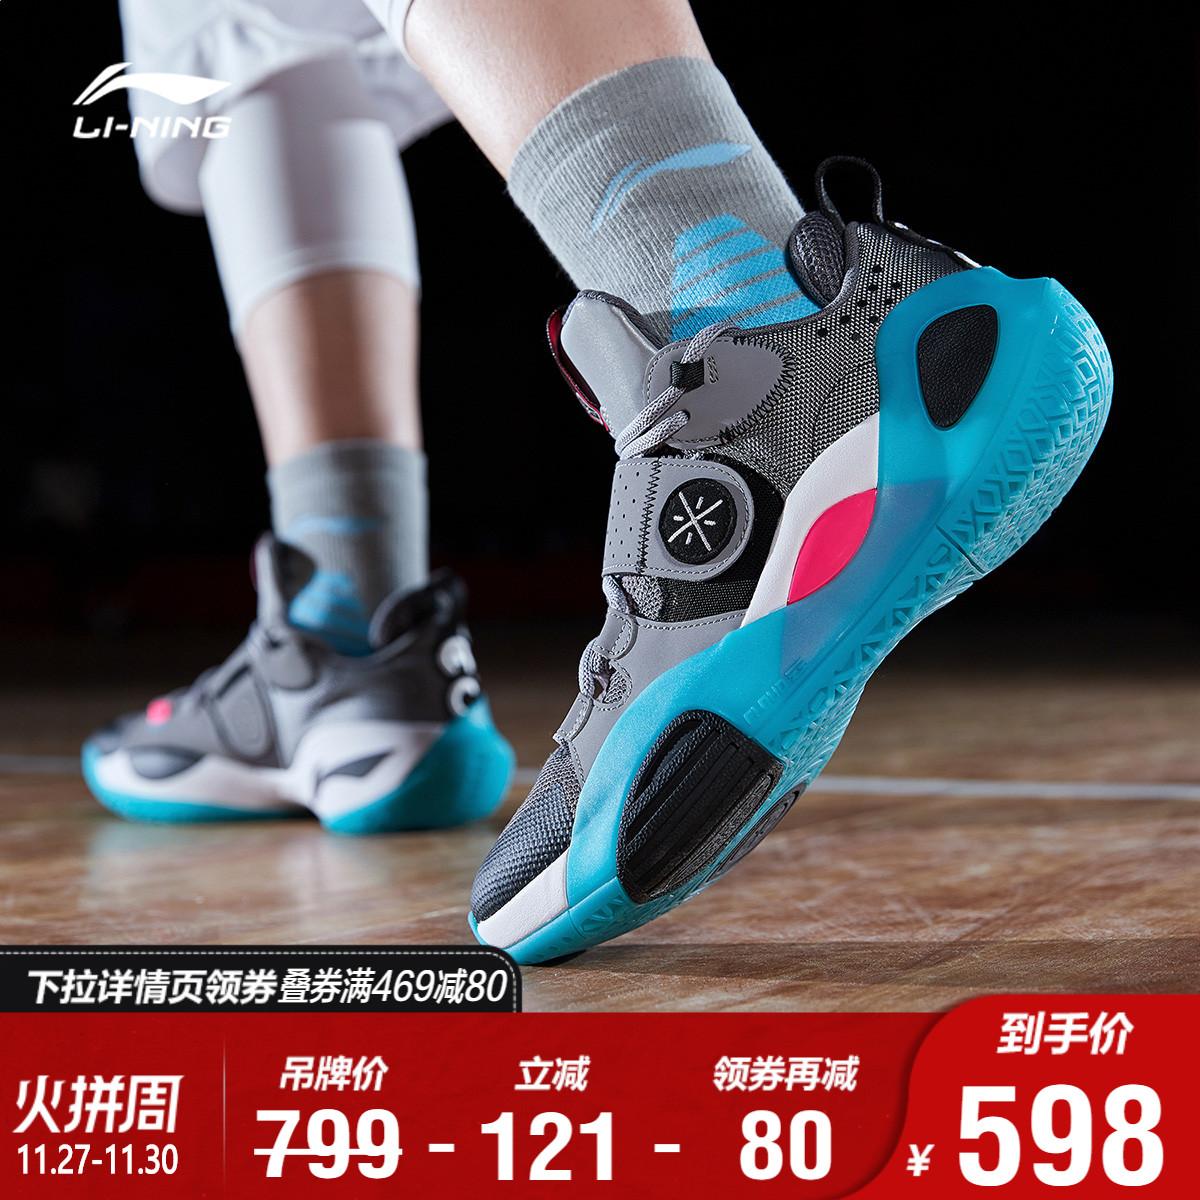 李宁篮球鞋男鞋官网2020秋冬韦德实战球鞋全城8减震低帮运动鞋男